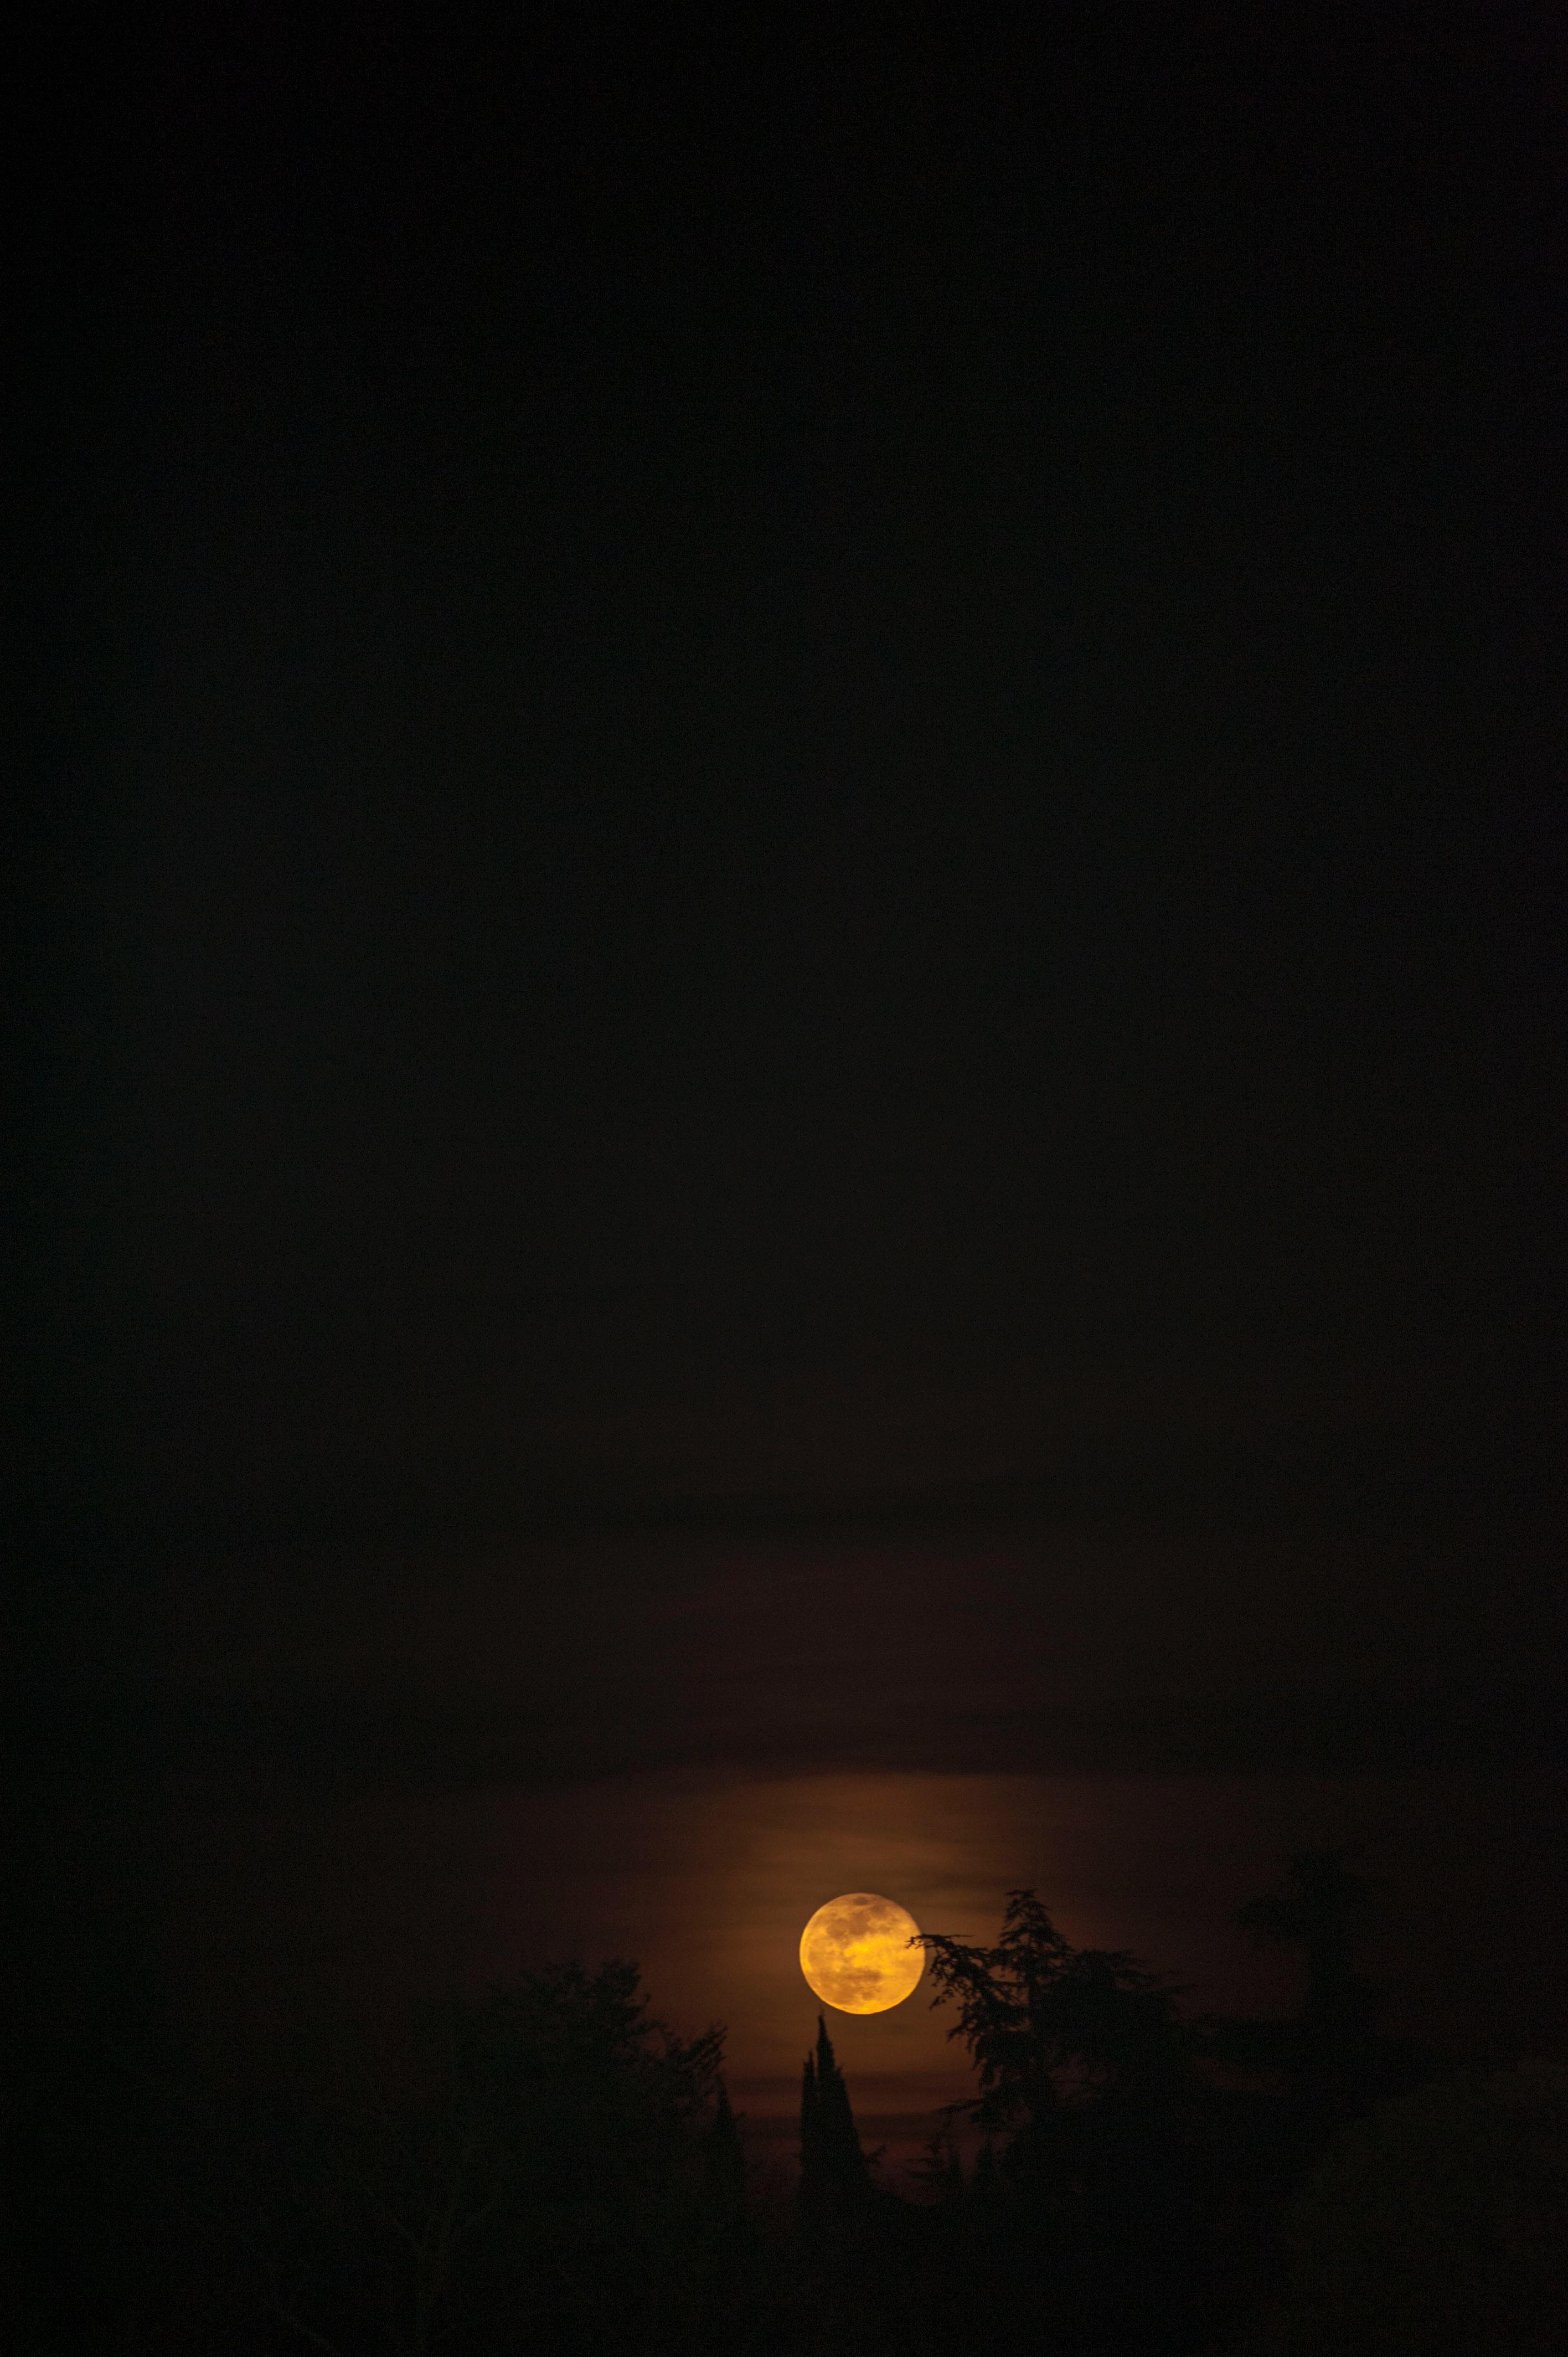 67056 économiseurs d'écran et fonds d'écran Sombre sur votre téléphone. Téléchargez Sombre, Sky, Nuit, Lune, Obscurité, Pleine Lune images gratuitement